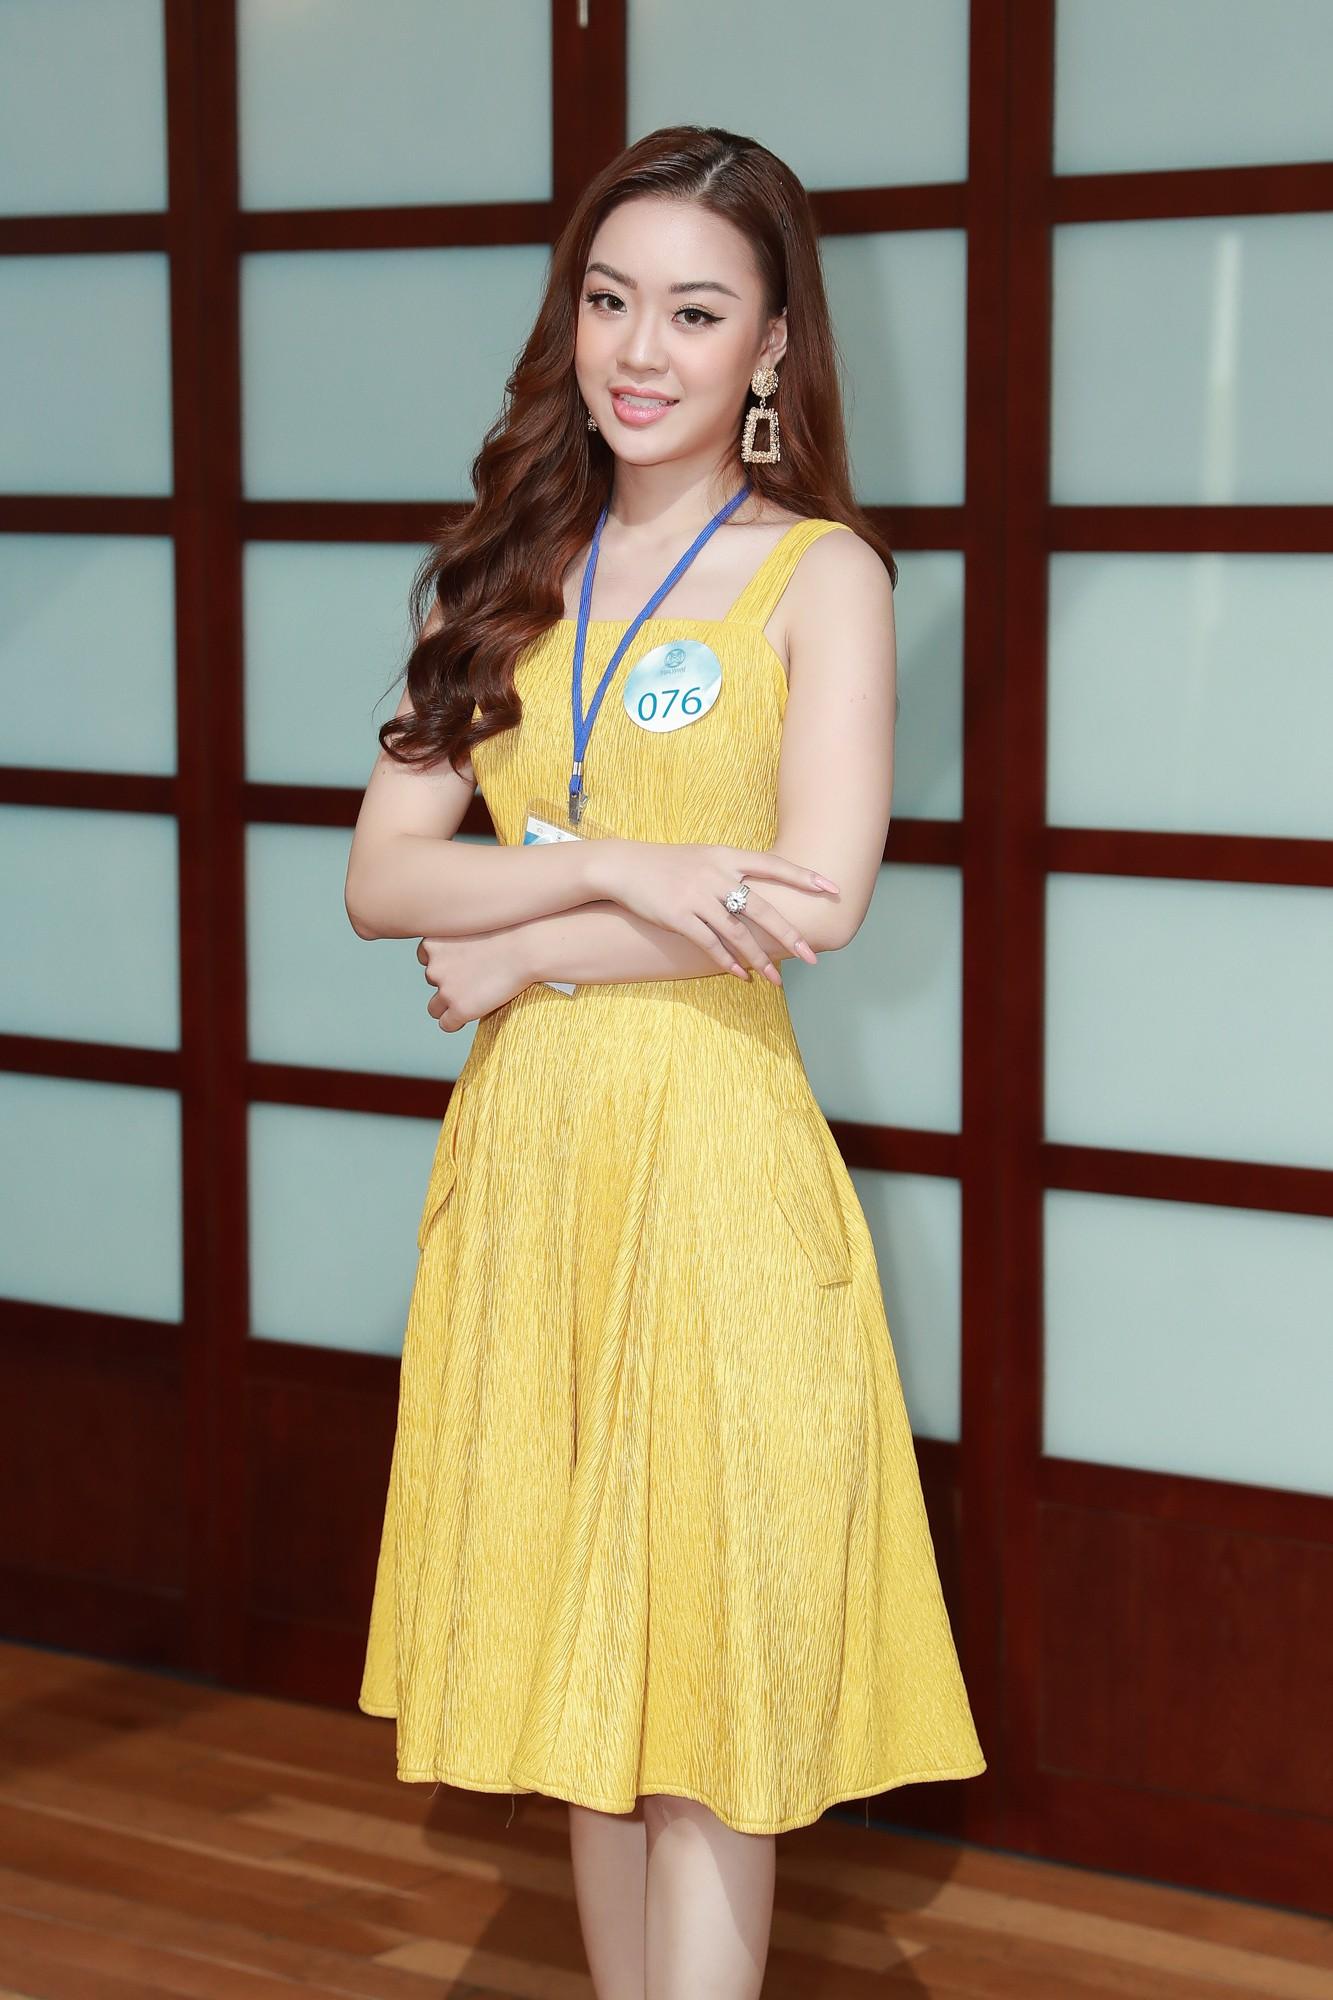 Người quen nào sáng giá nhất trong cuộc đua vương miện Hoa hậu Thế giới Việt Nam 2019?   - Ảnh 3.